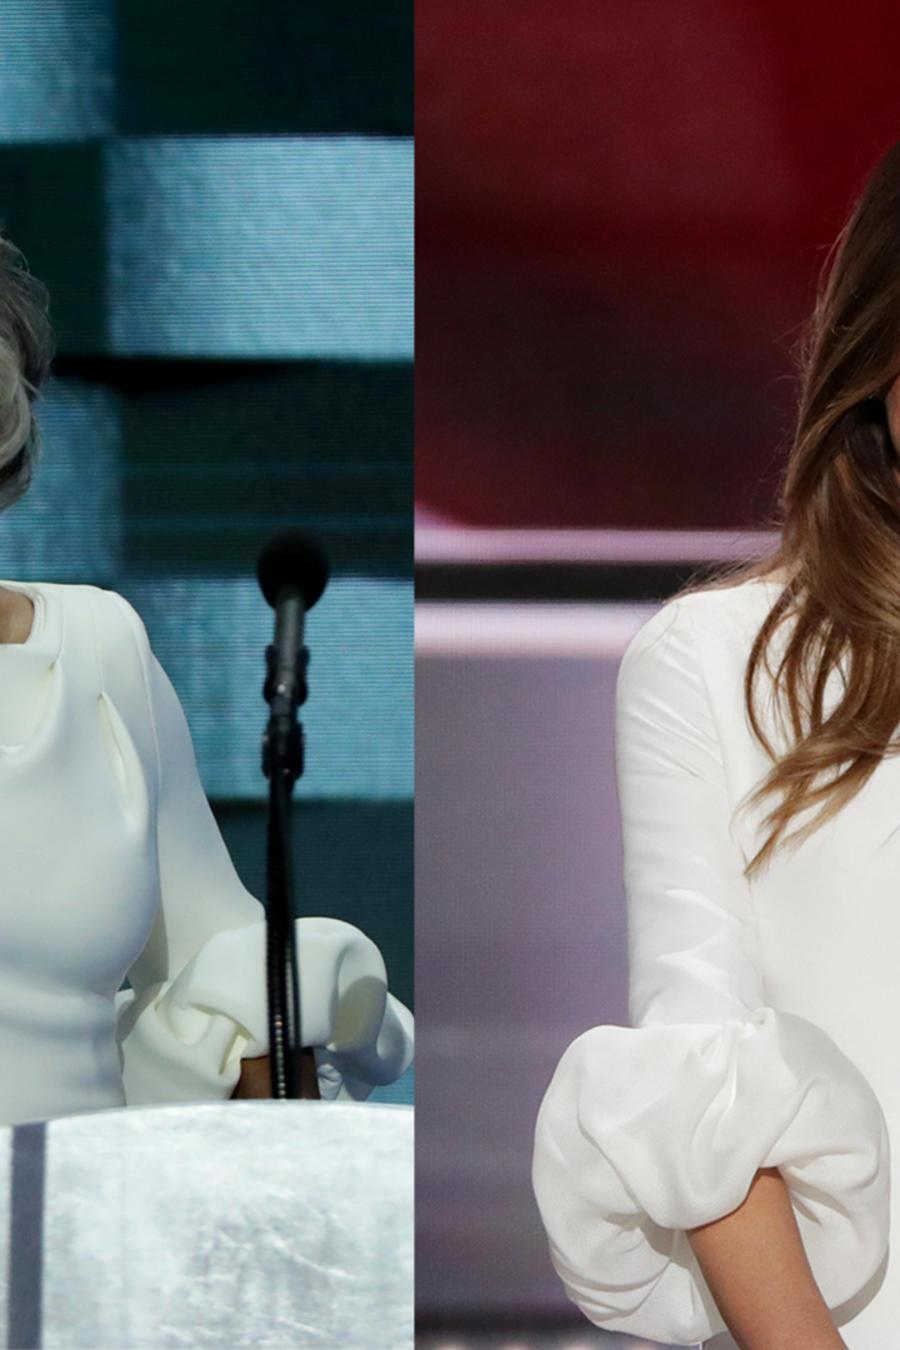 La representante demócrata de Ohio Joyce Beatty y la esposa de Donald Trump con lo que perece ser el mismo vestido